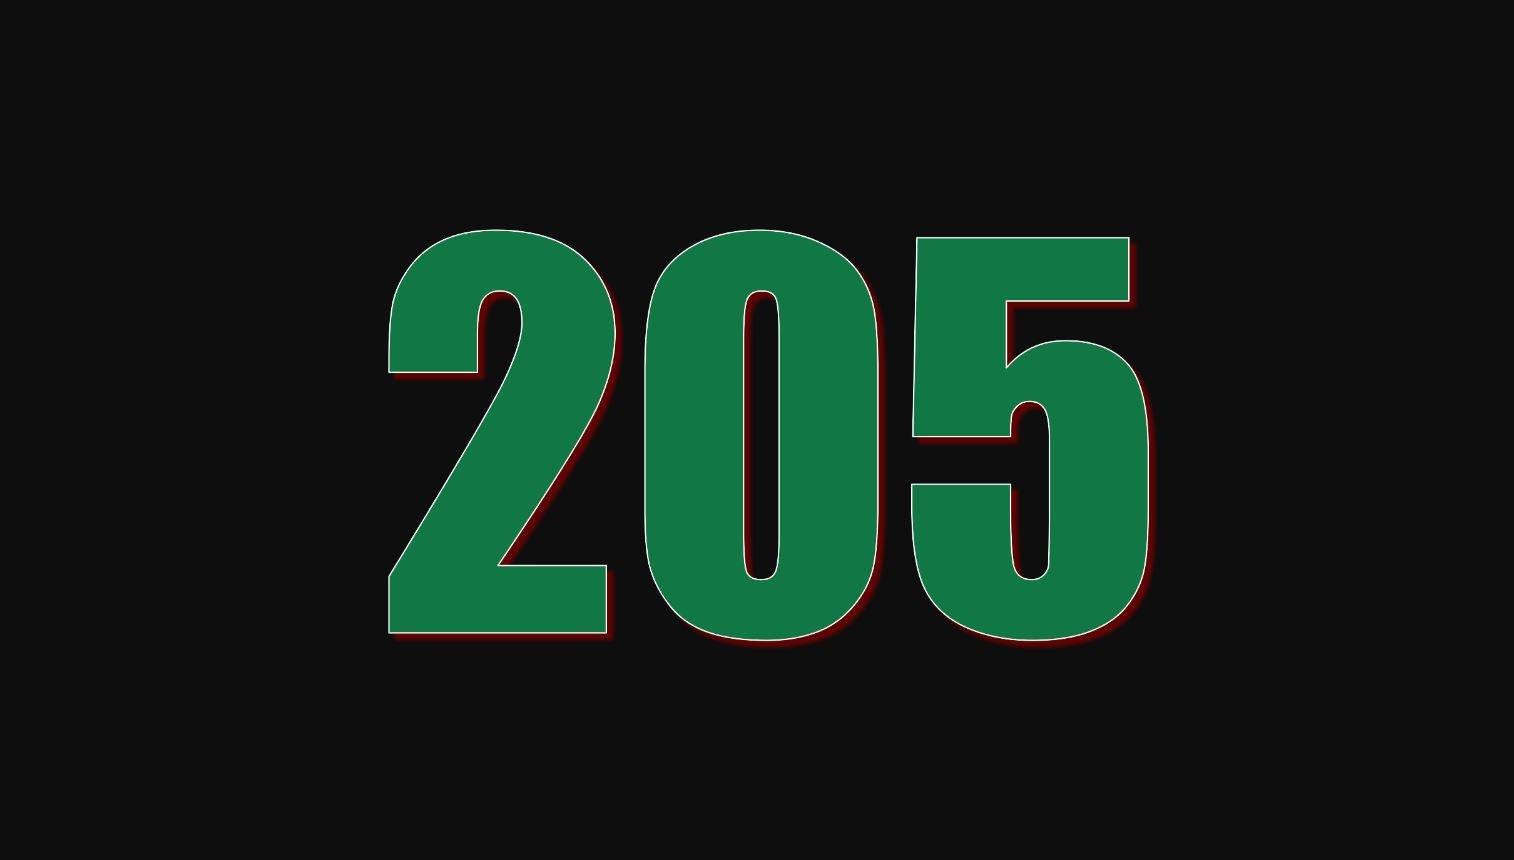 Significado do número 205